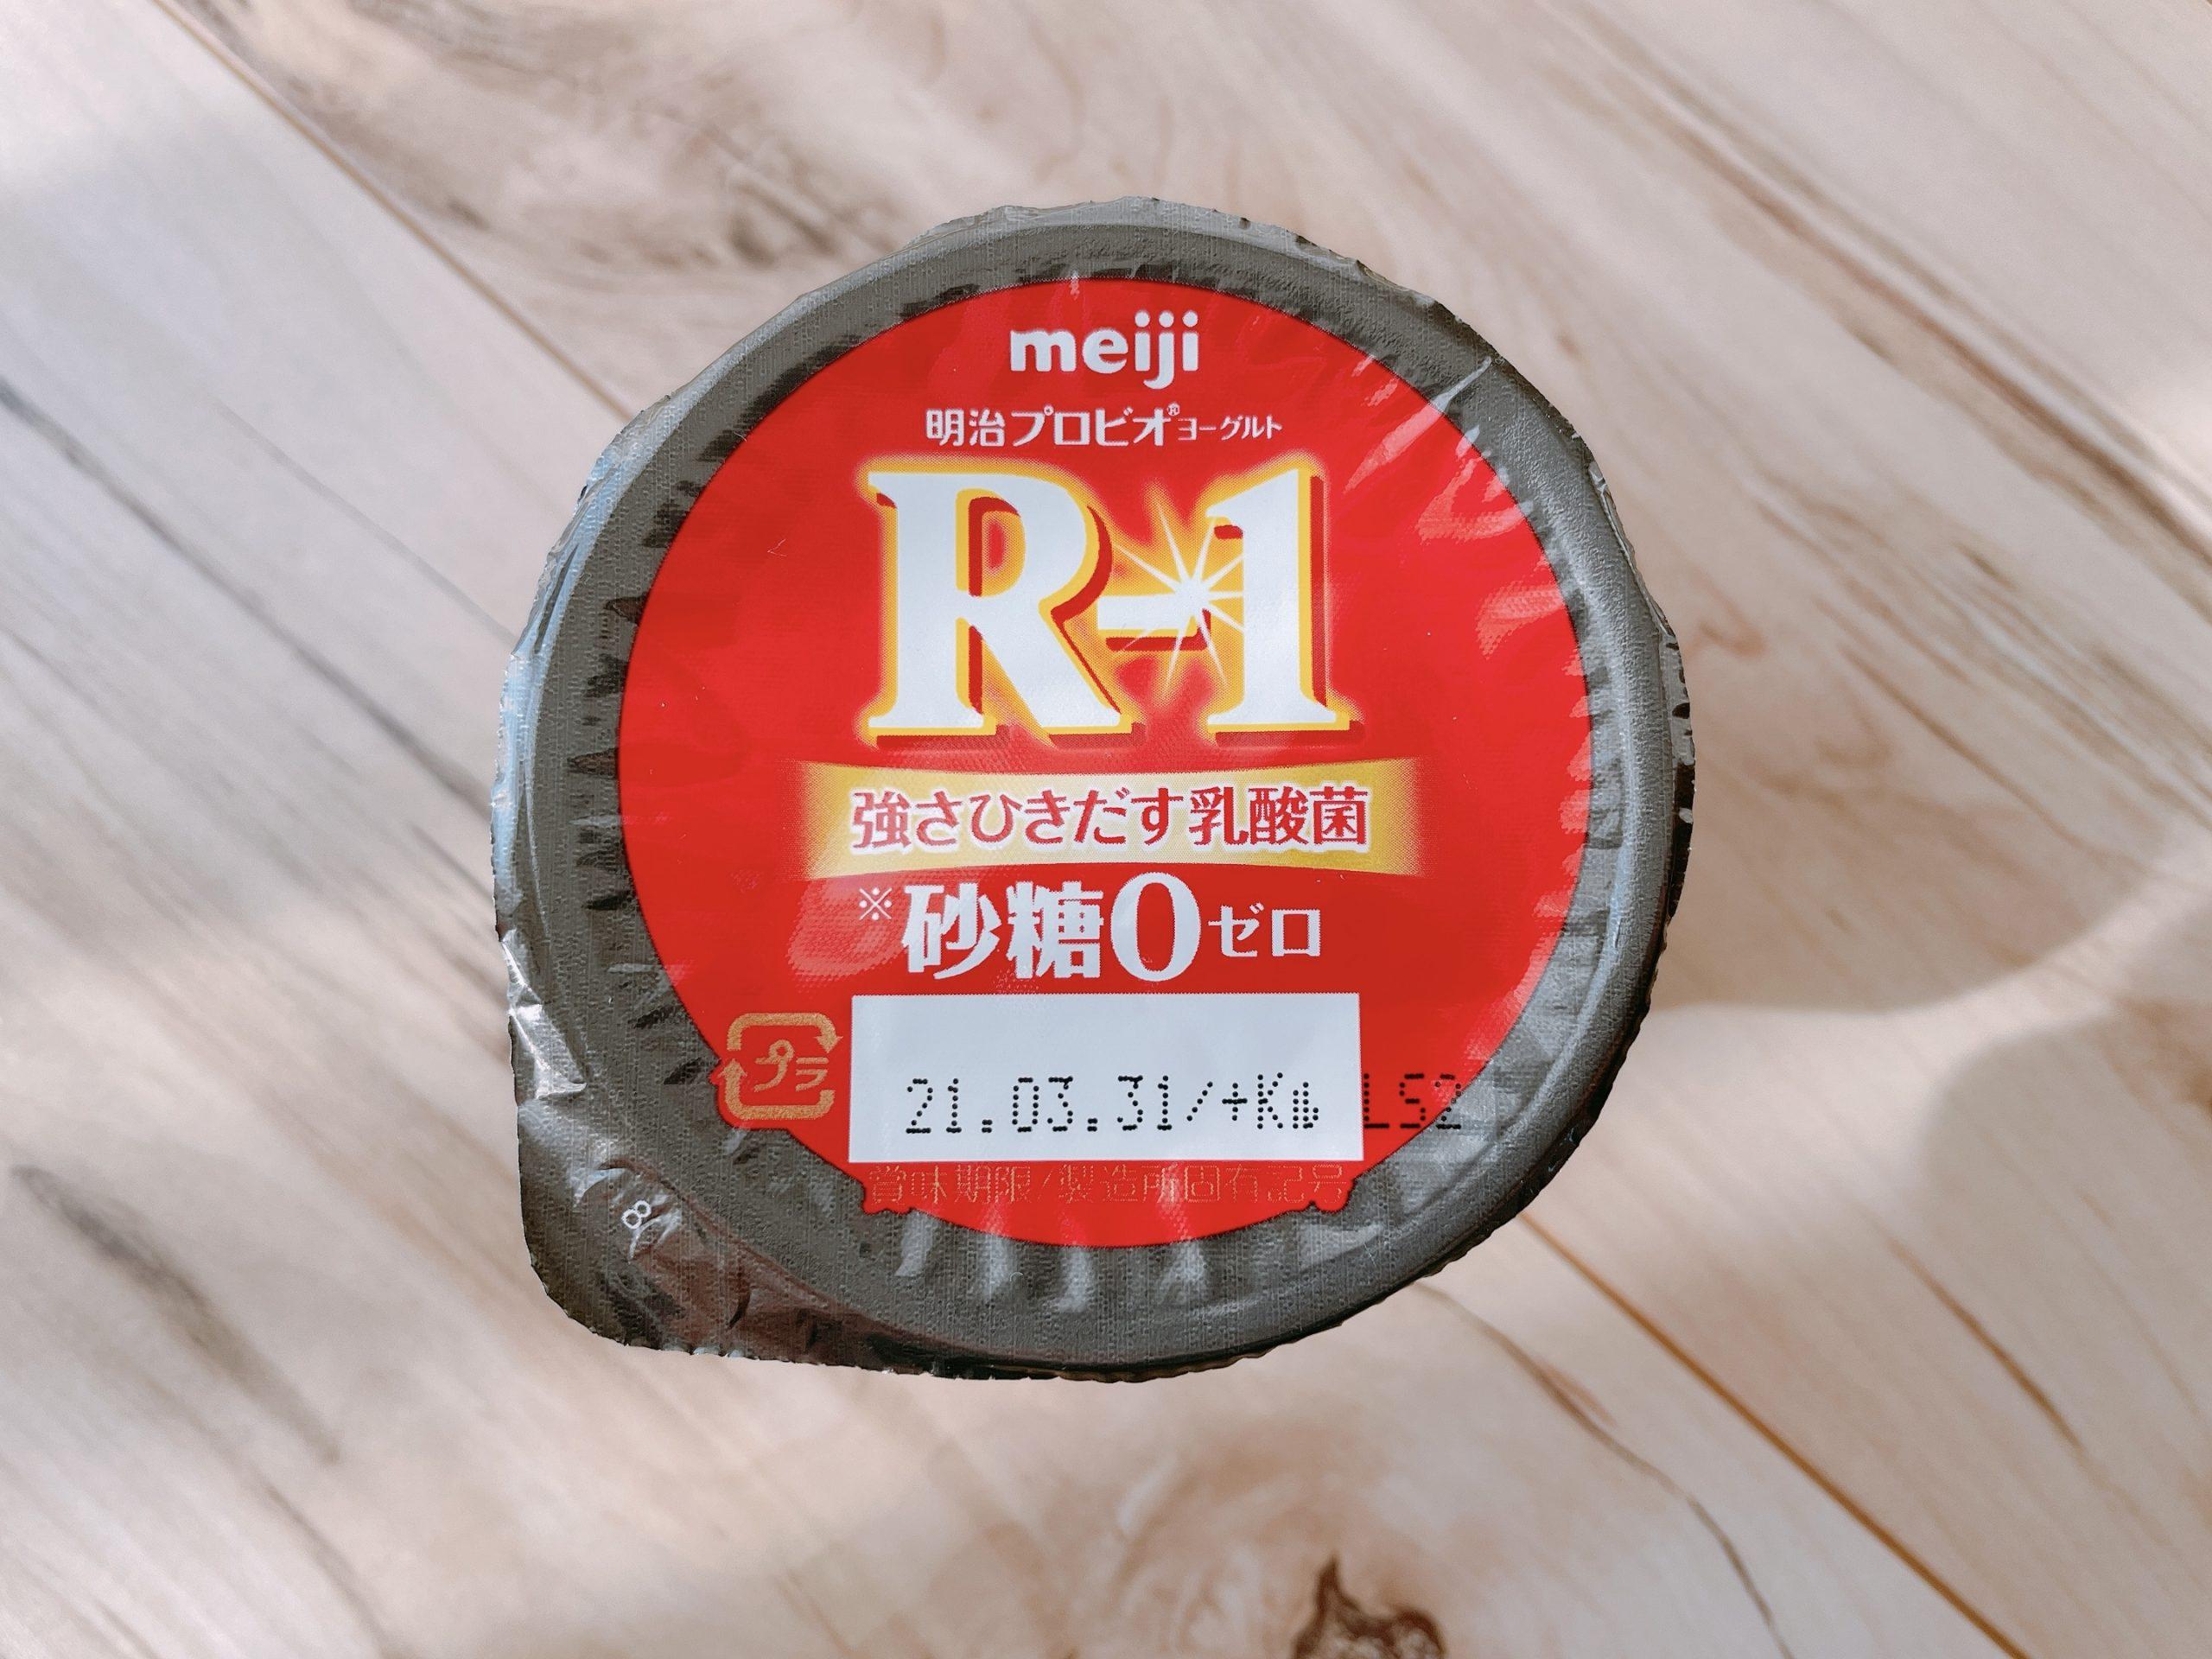 R1ヨーグルト砂糖ゼロ、パッケージ